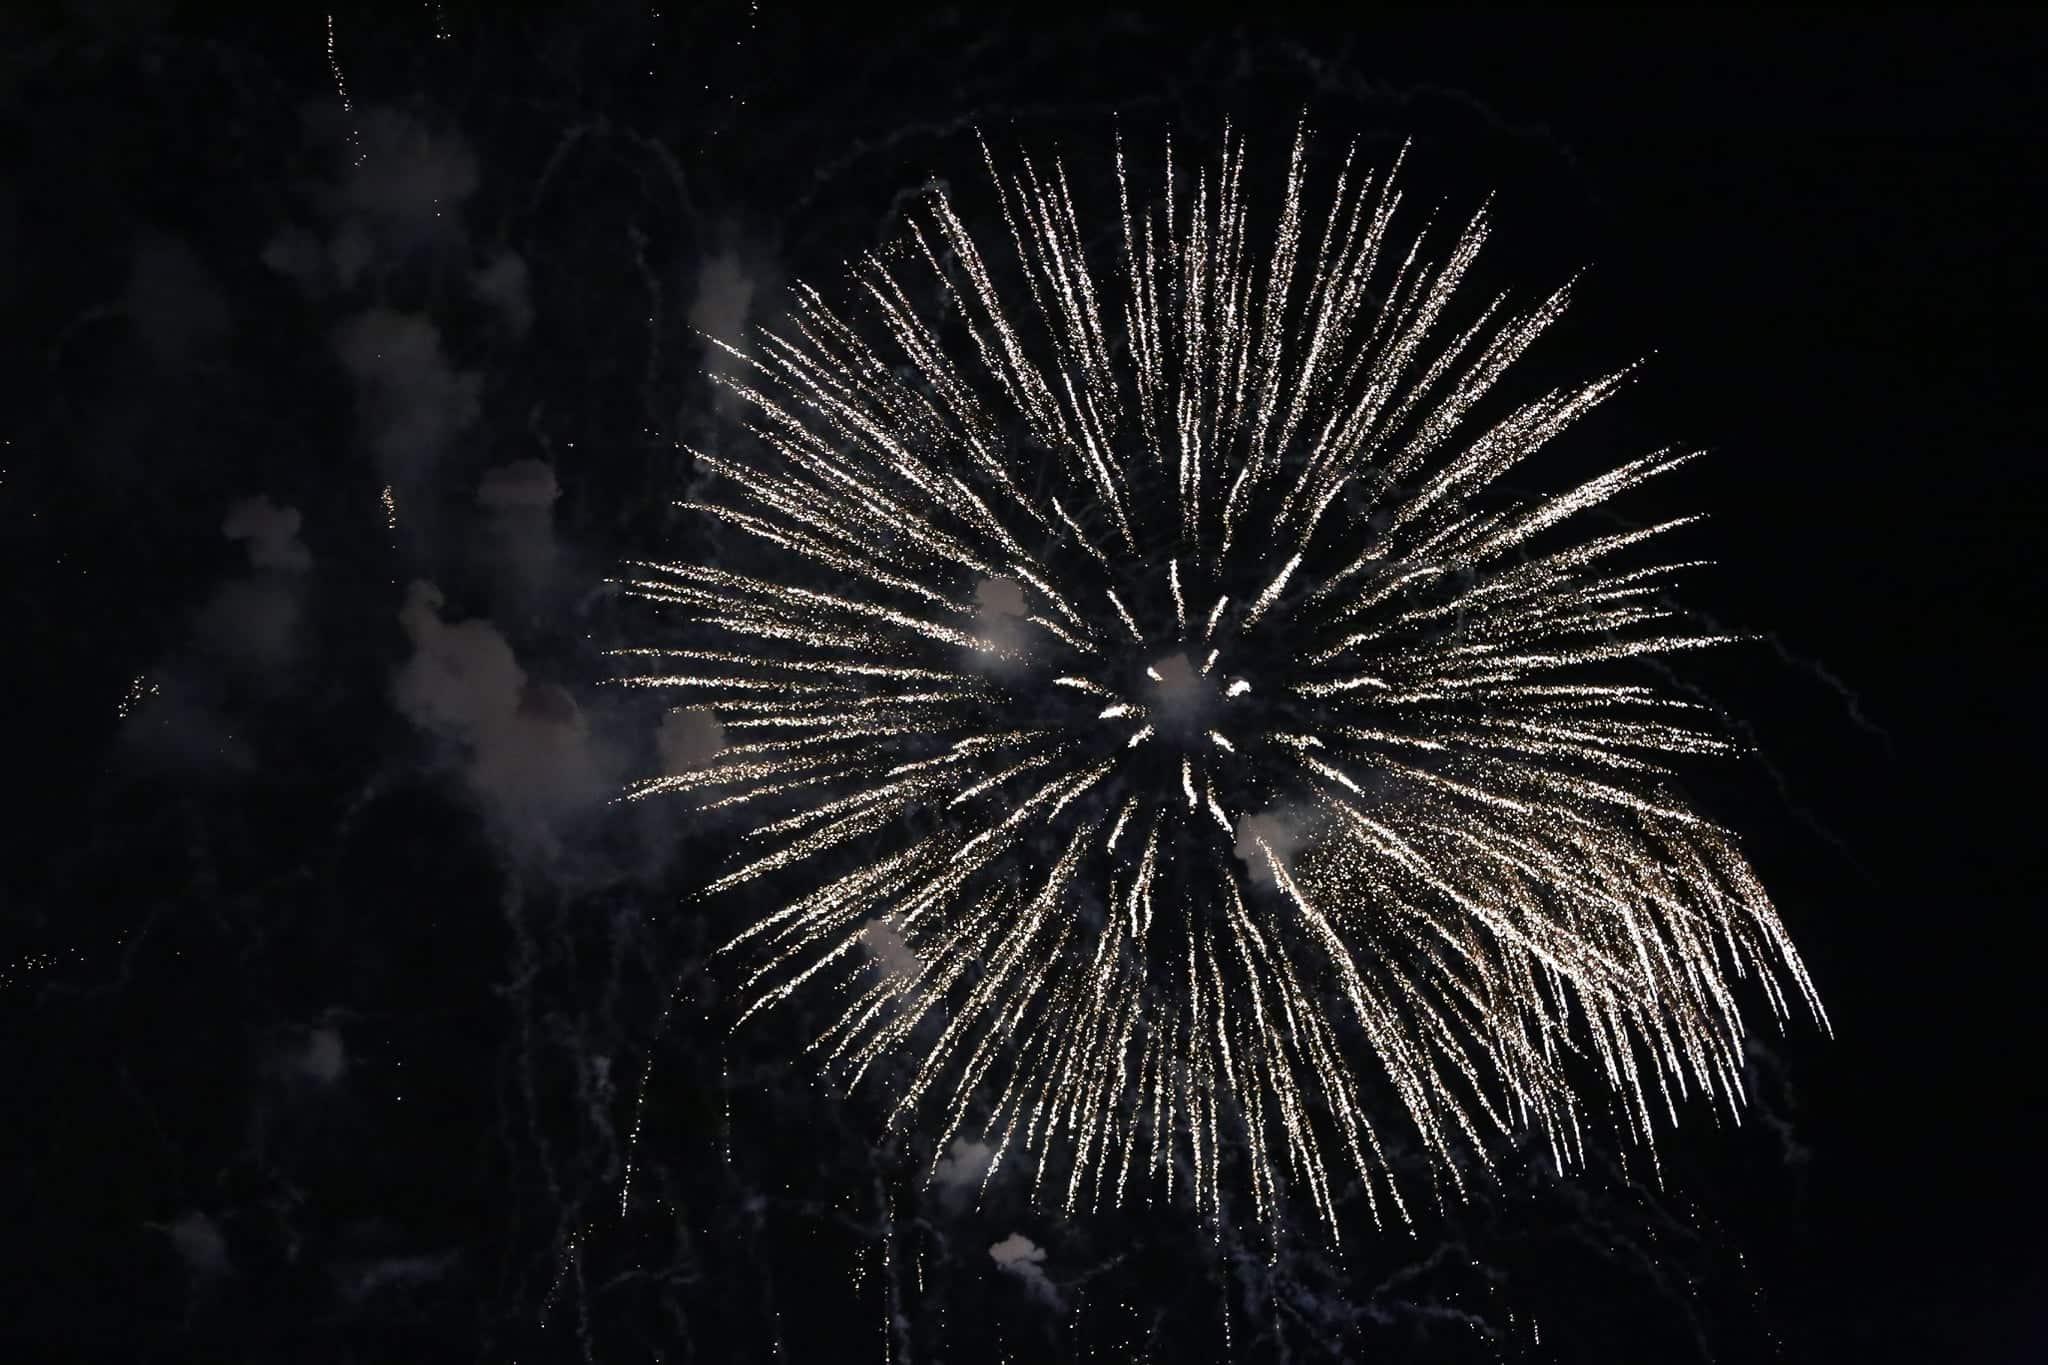 Pháo hoa rực sáng đẹp hút hồn trên bầu trời Sài Gòn, ngàn người vỗ tay tán thưởng - 6